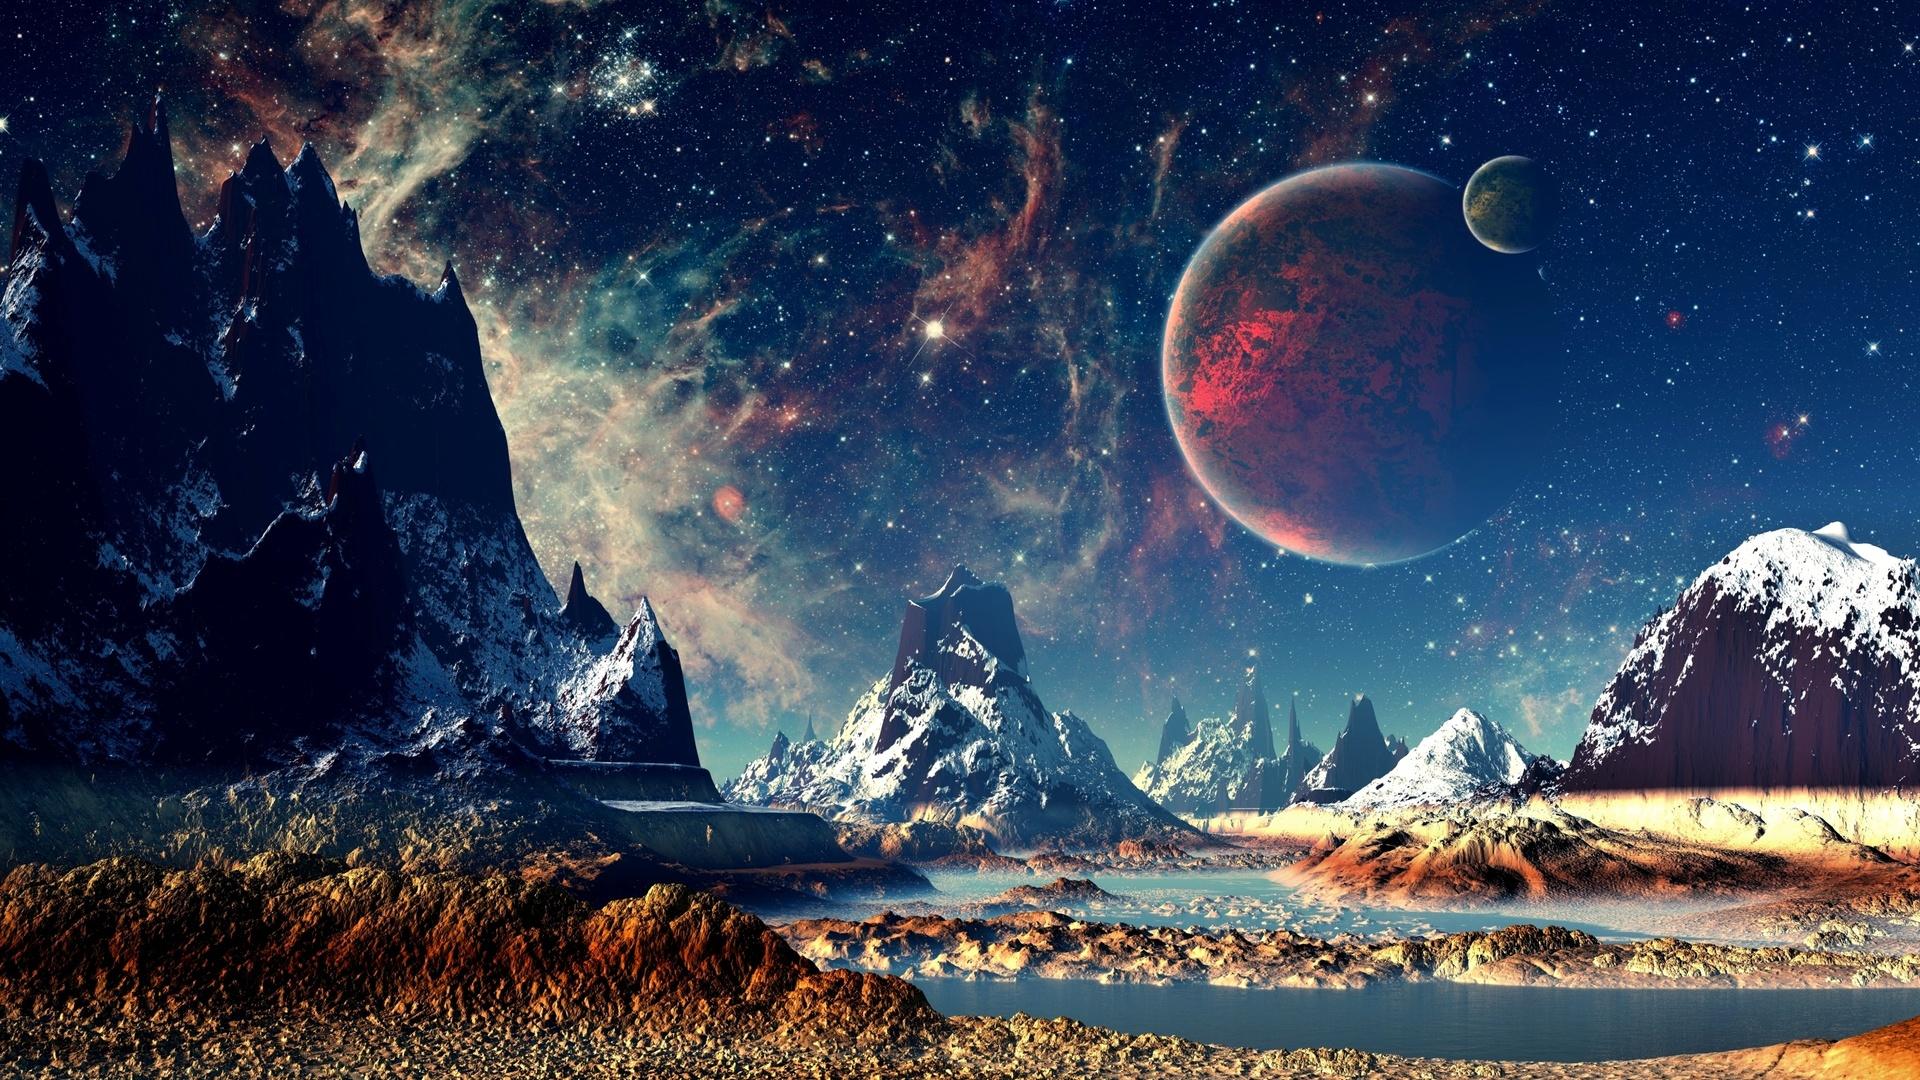 Космическая картинка на обои